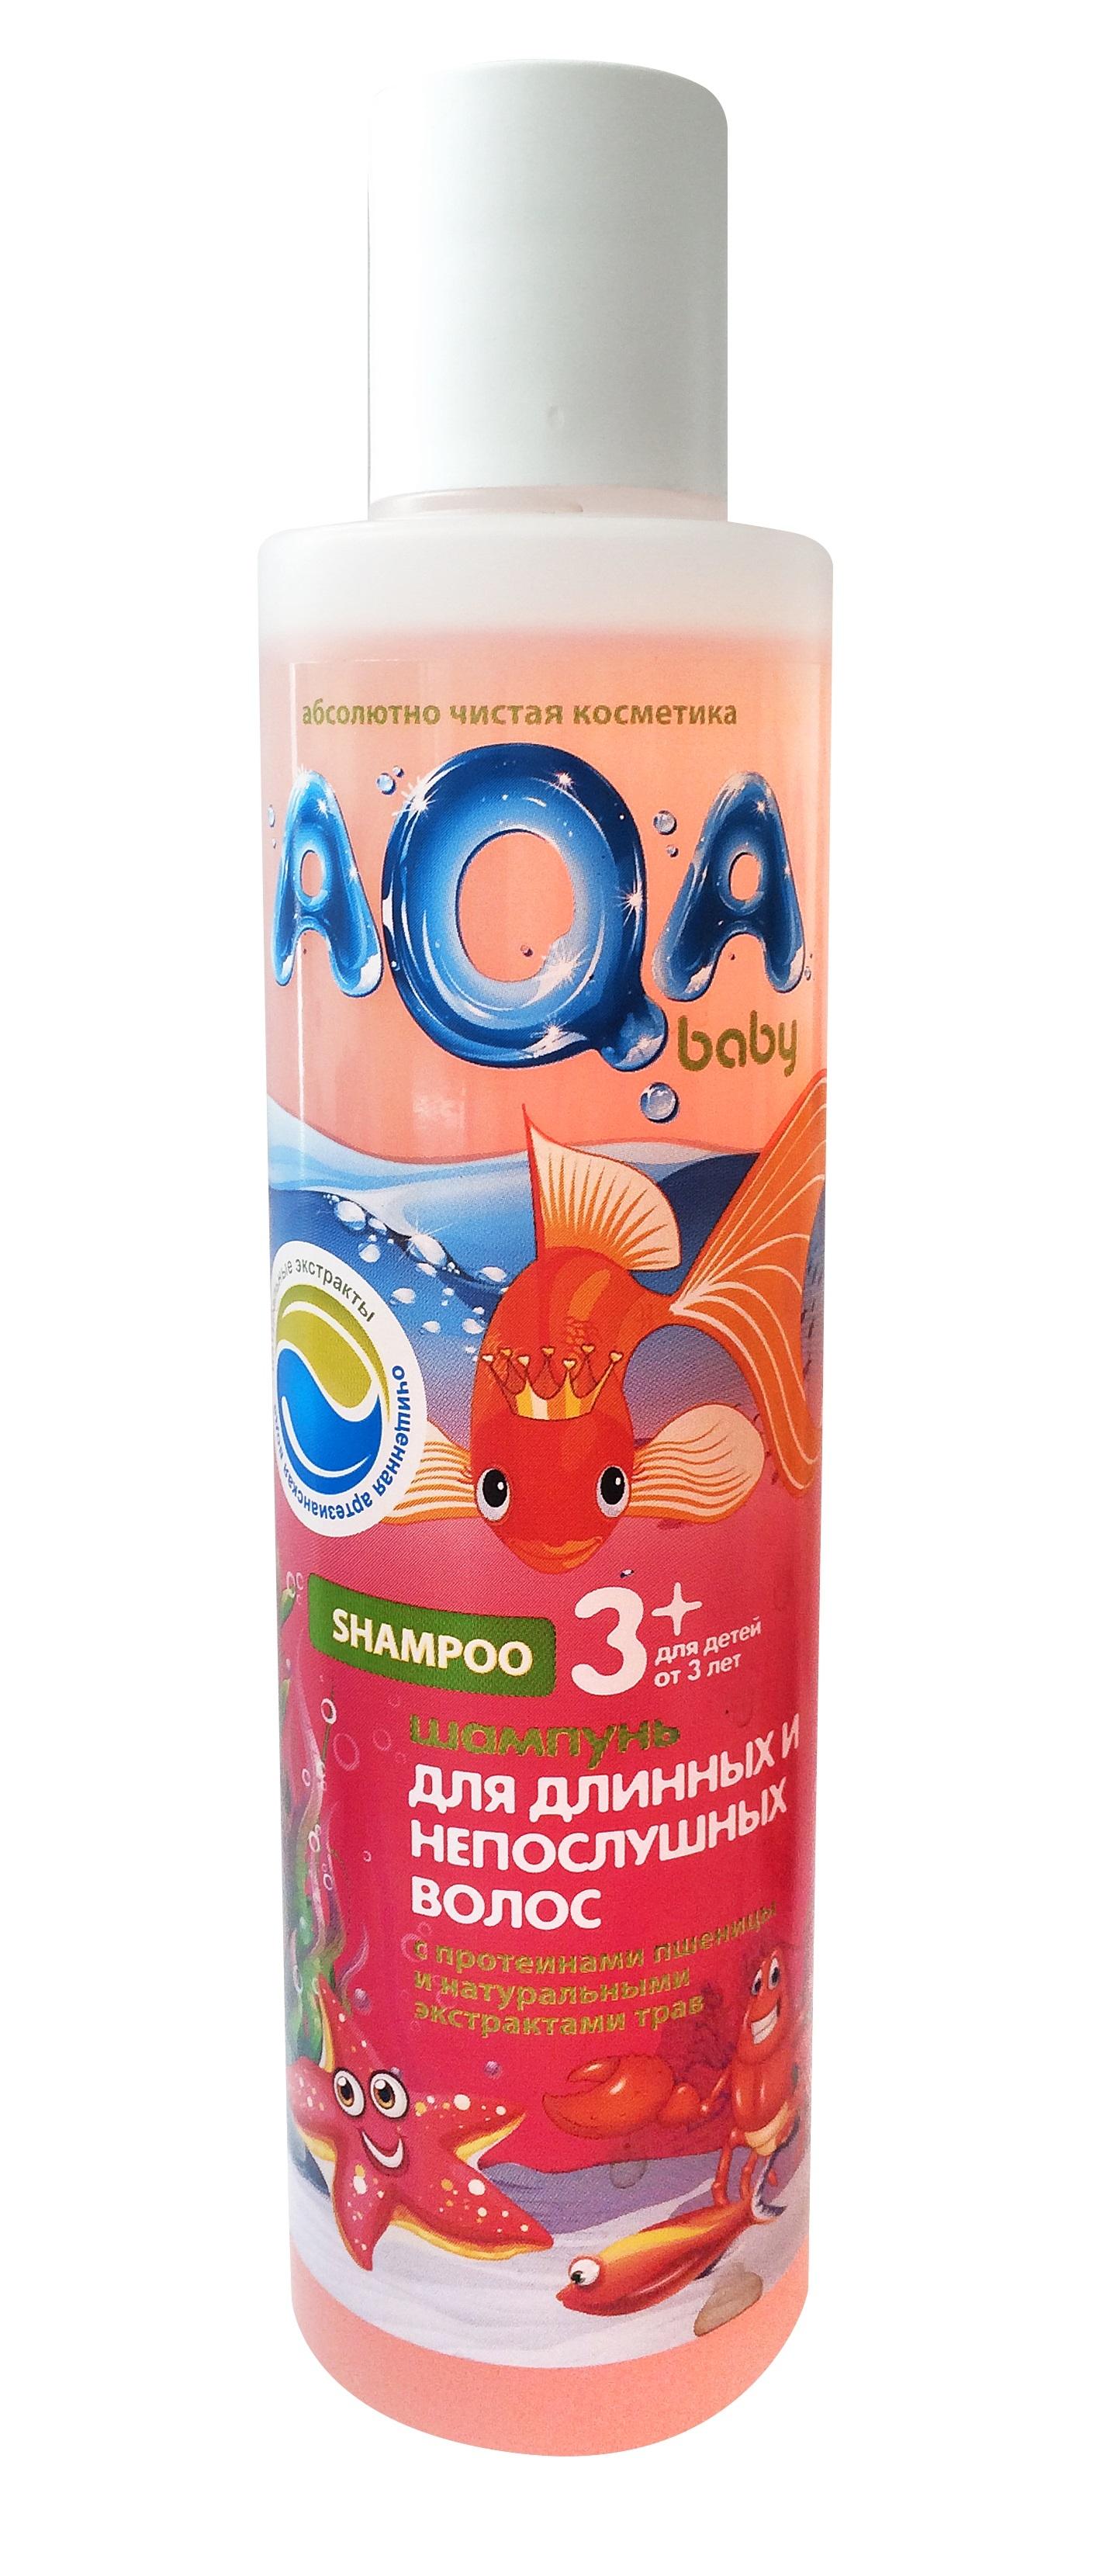 Шампуни и бальзамы AQA baby Шампунь AQA Baby Kids для длинных и непослушных волос 210 мл бальзам для волос aqa baby kids 210 мл